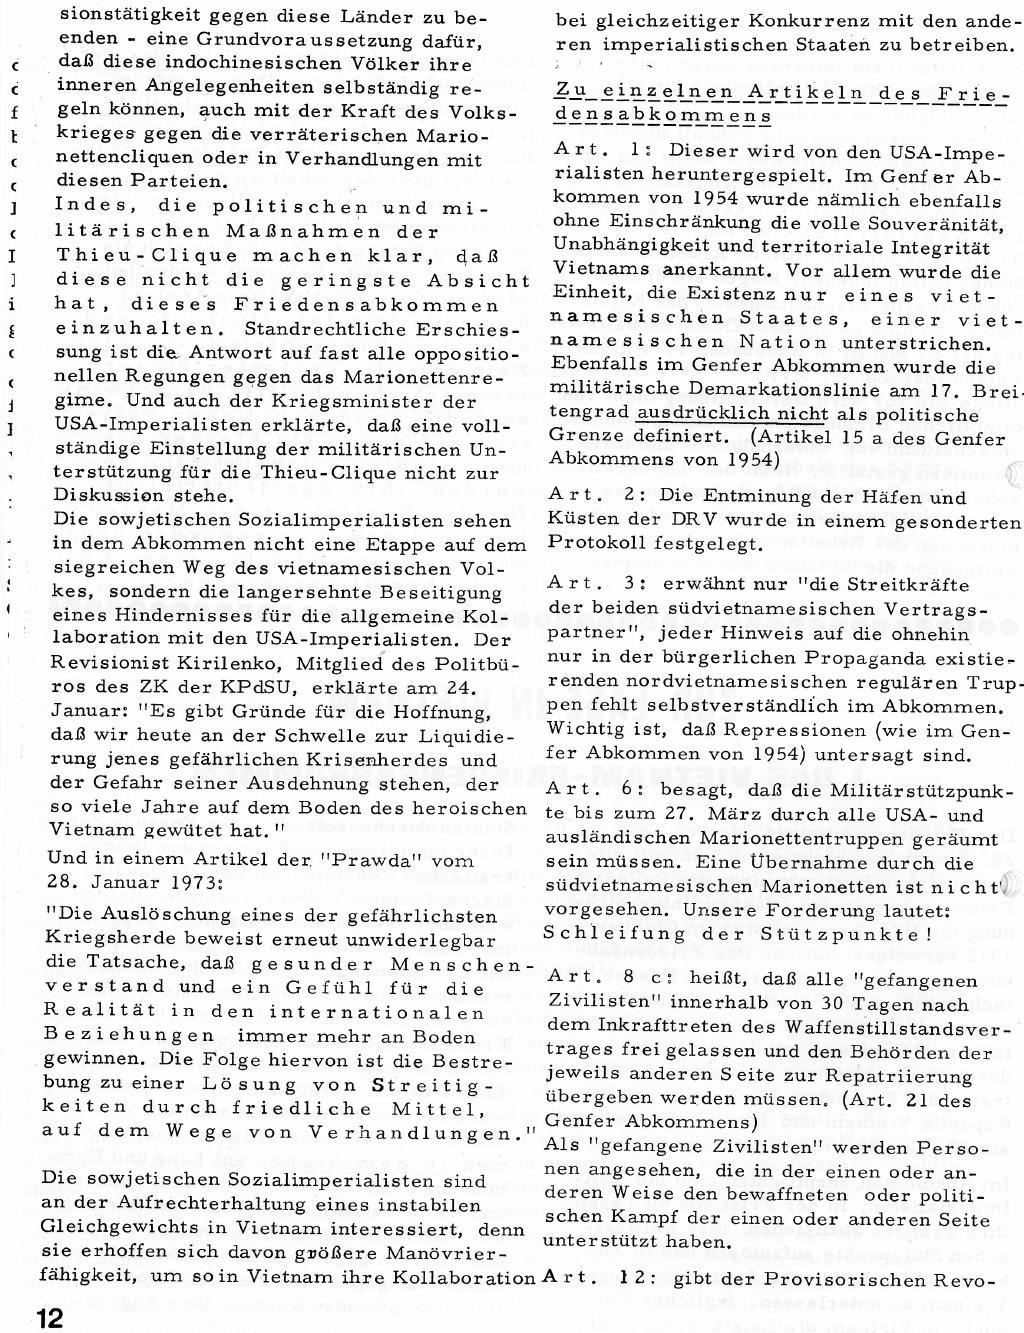 RPK_1973_005_12